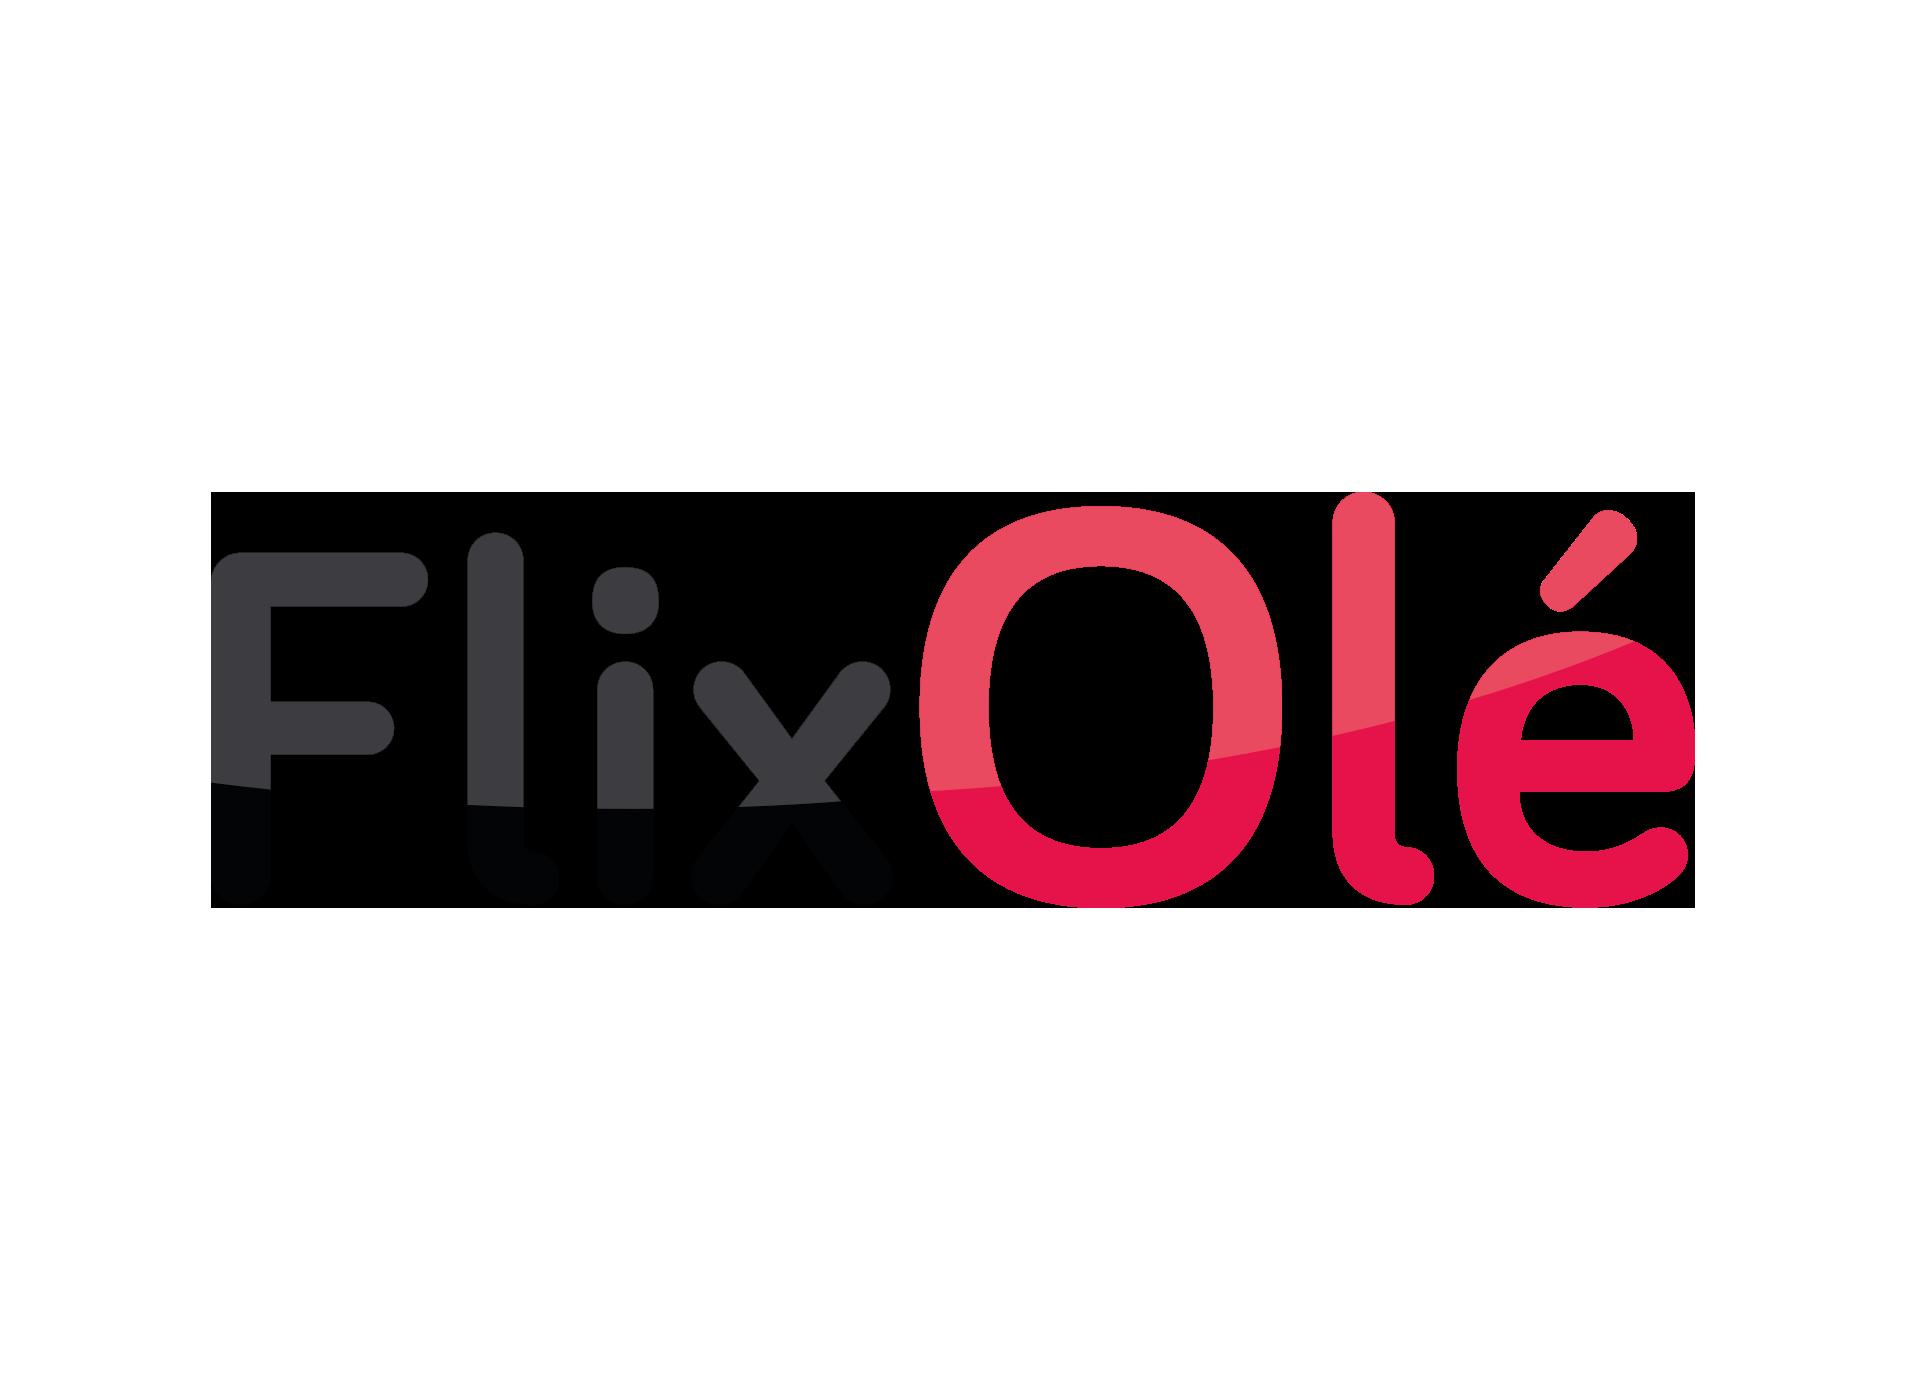 FlixOlé logo